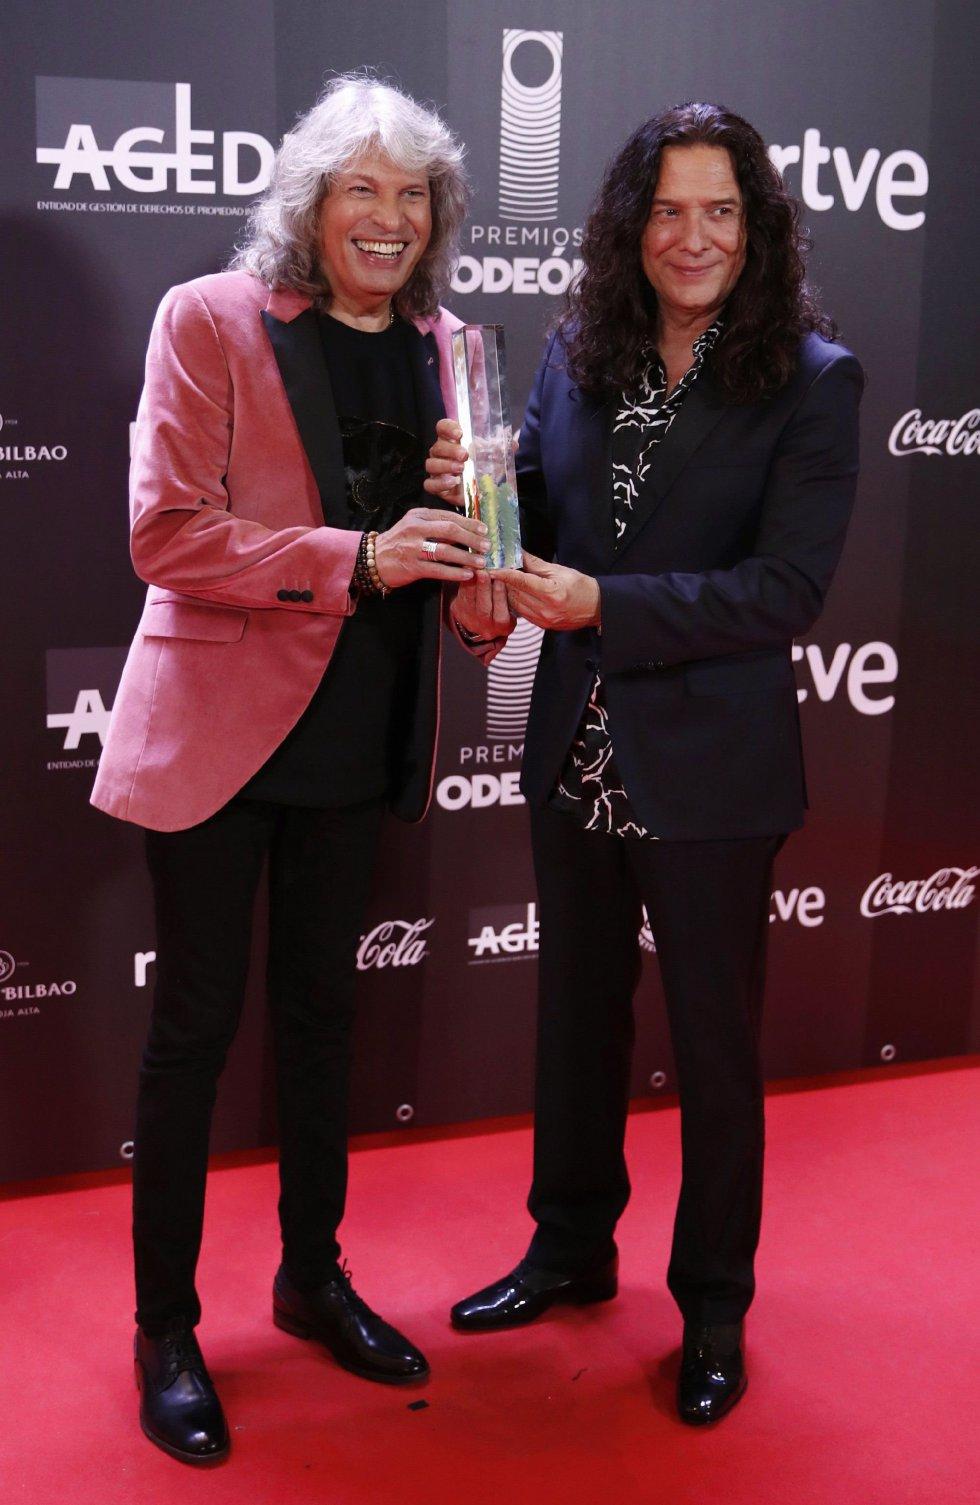 El cantaor José Mercé (i) y el guitarrista Tomatito tras recibir el premio al Mejor Álbum Flamenco durante la entrega de los primeros Premios Odeón